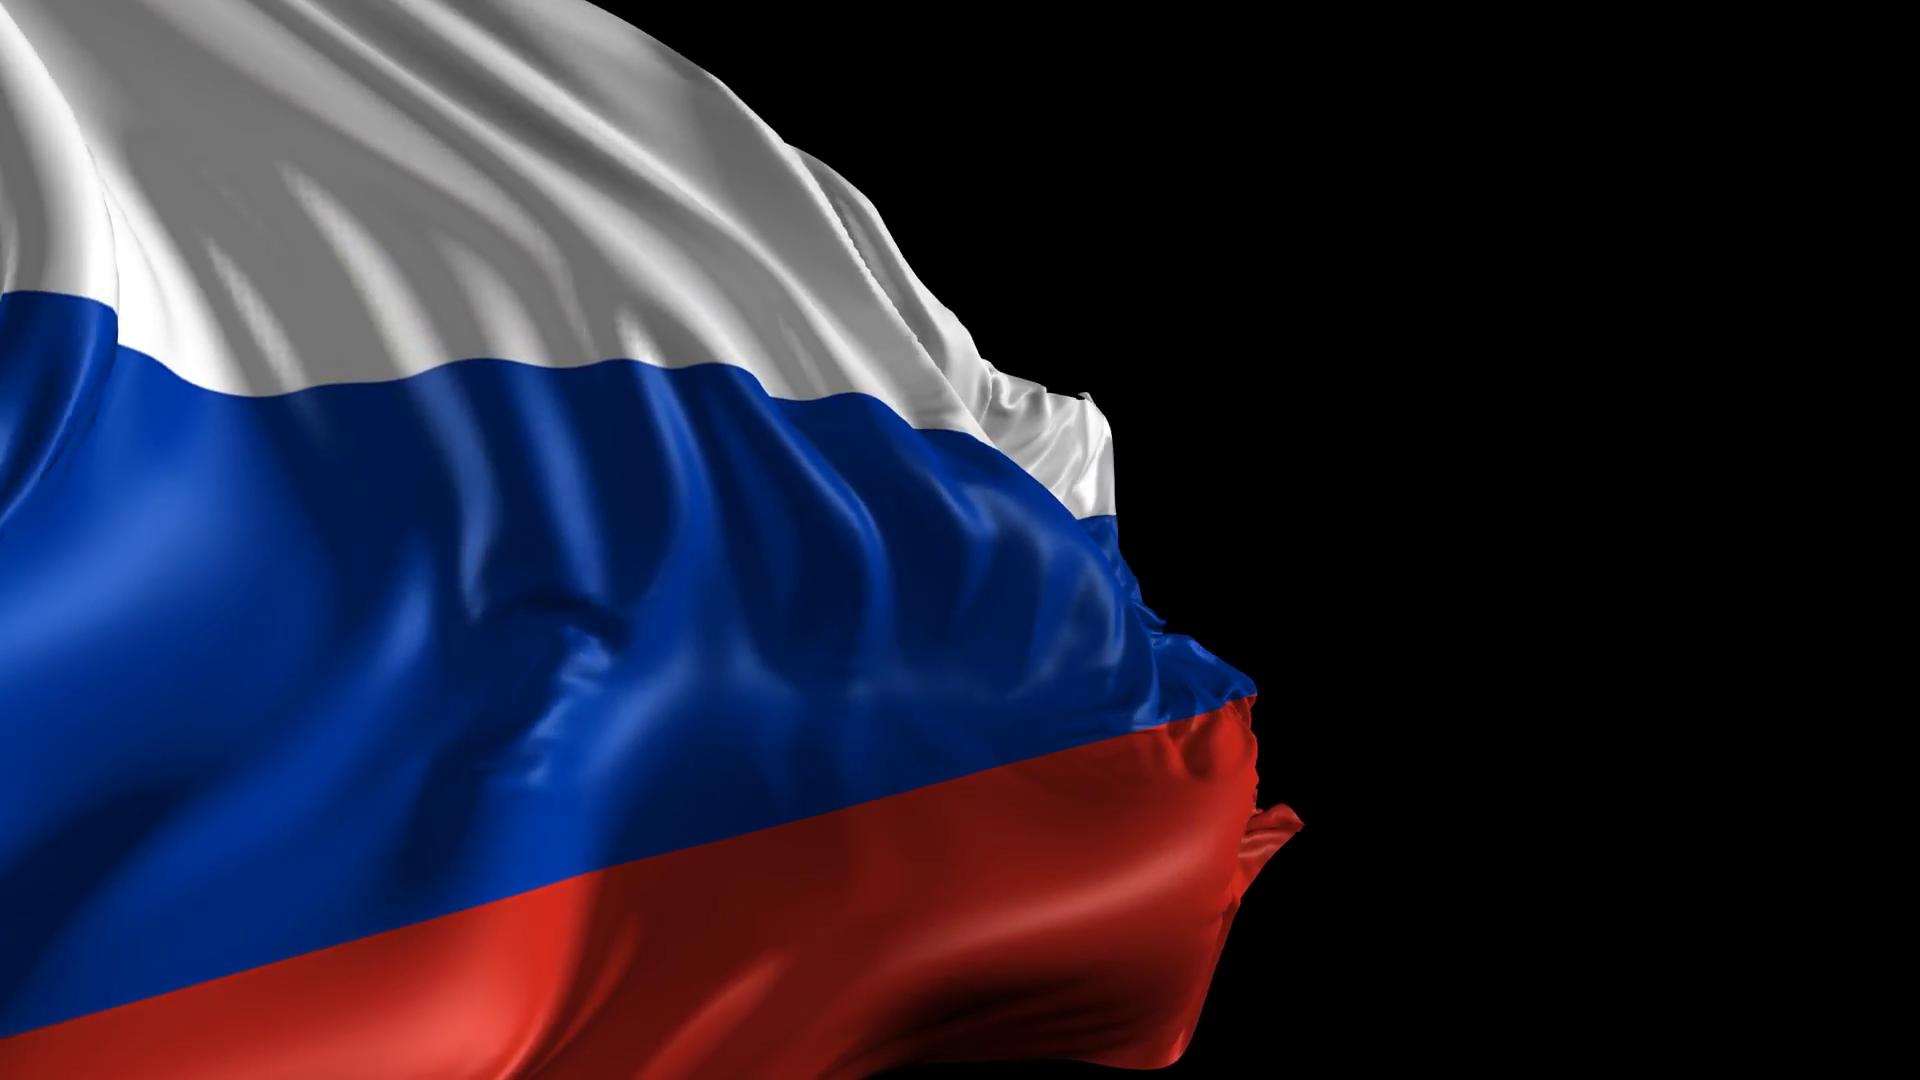 предметы картинки на телефон российский флаг составе